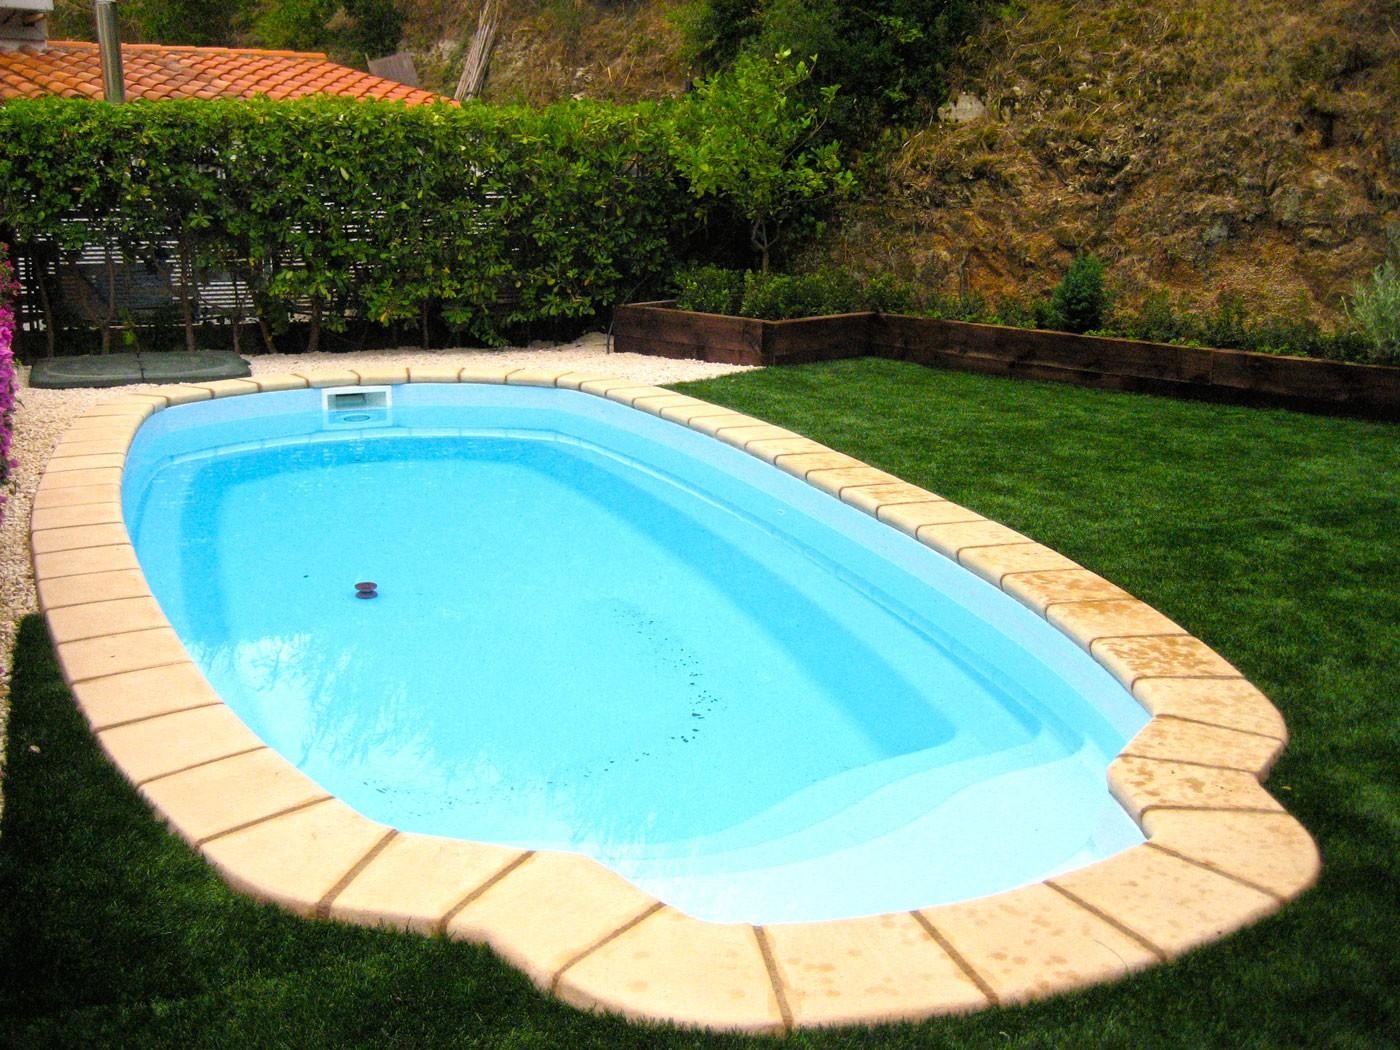 Presupuesto piscinas de obra construccin piscinas de obra with presupuesto piscinas de obra - Presupuestos piscinas de obra ...